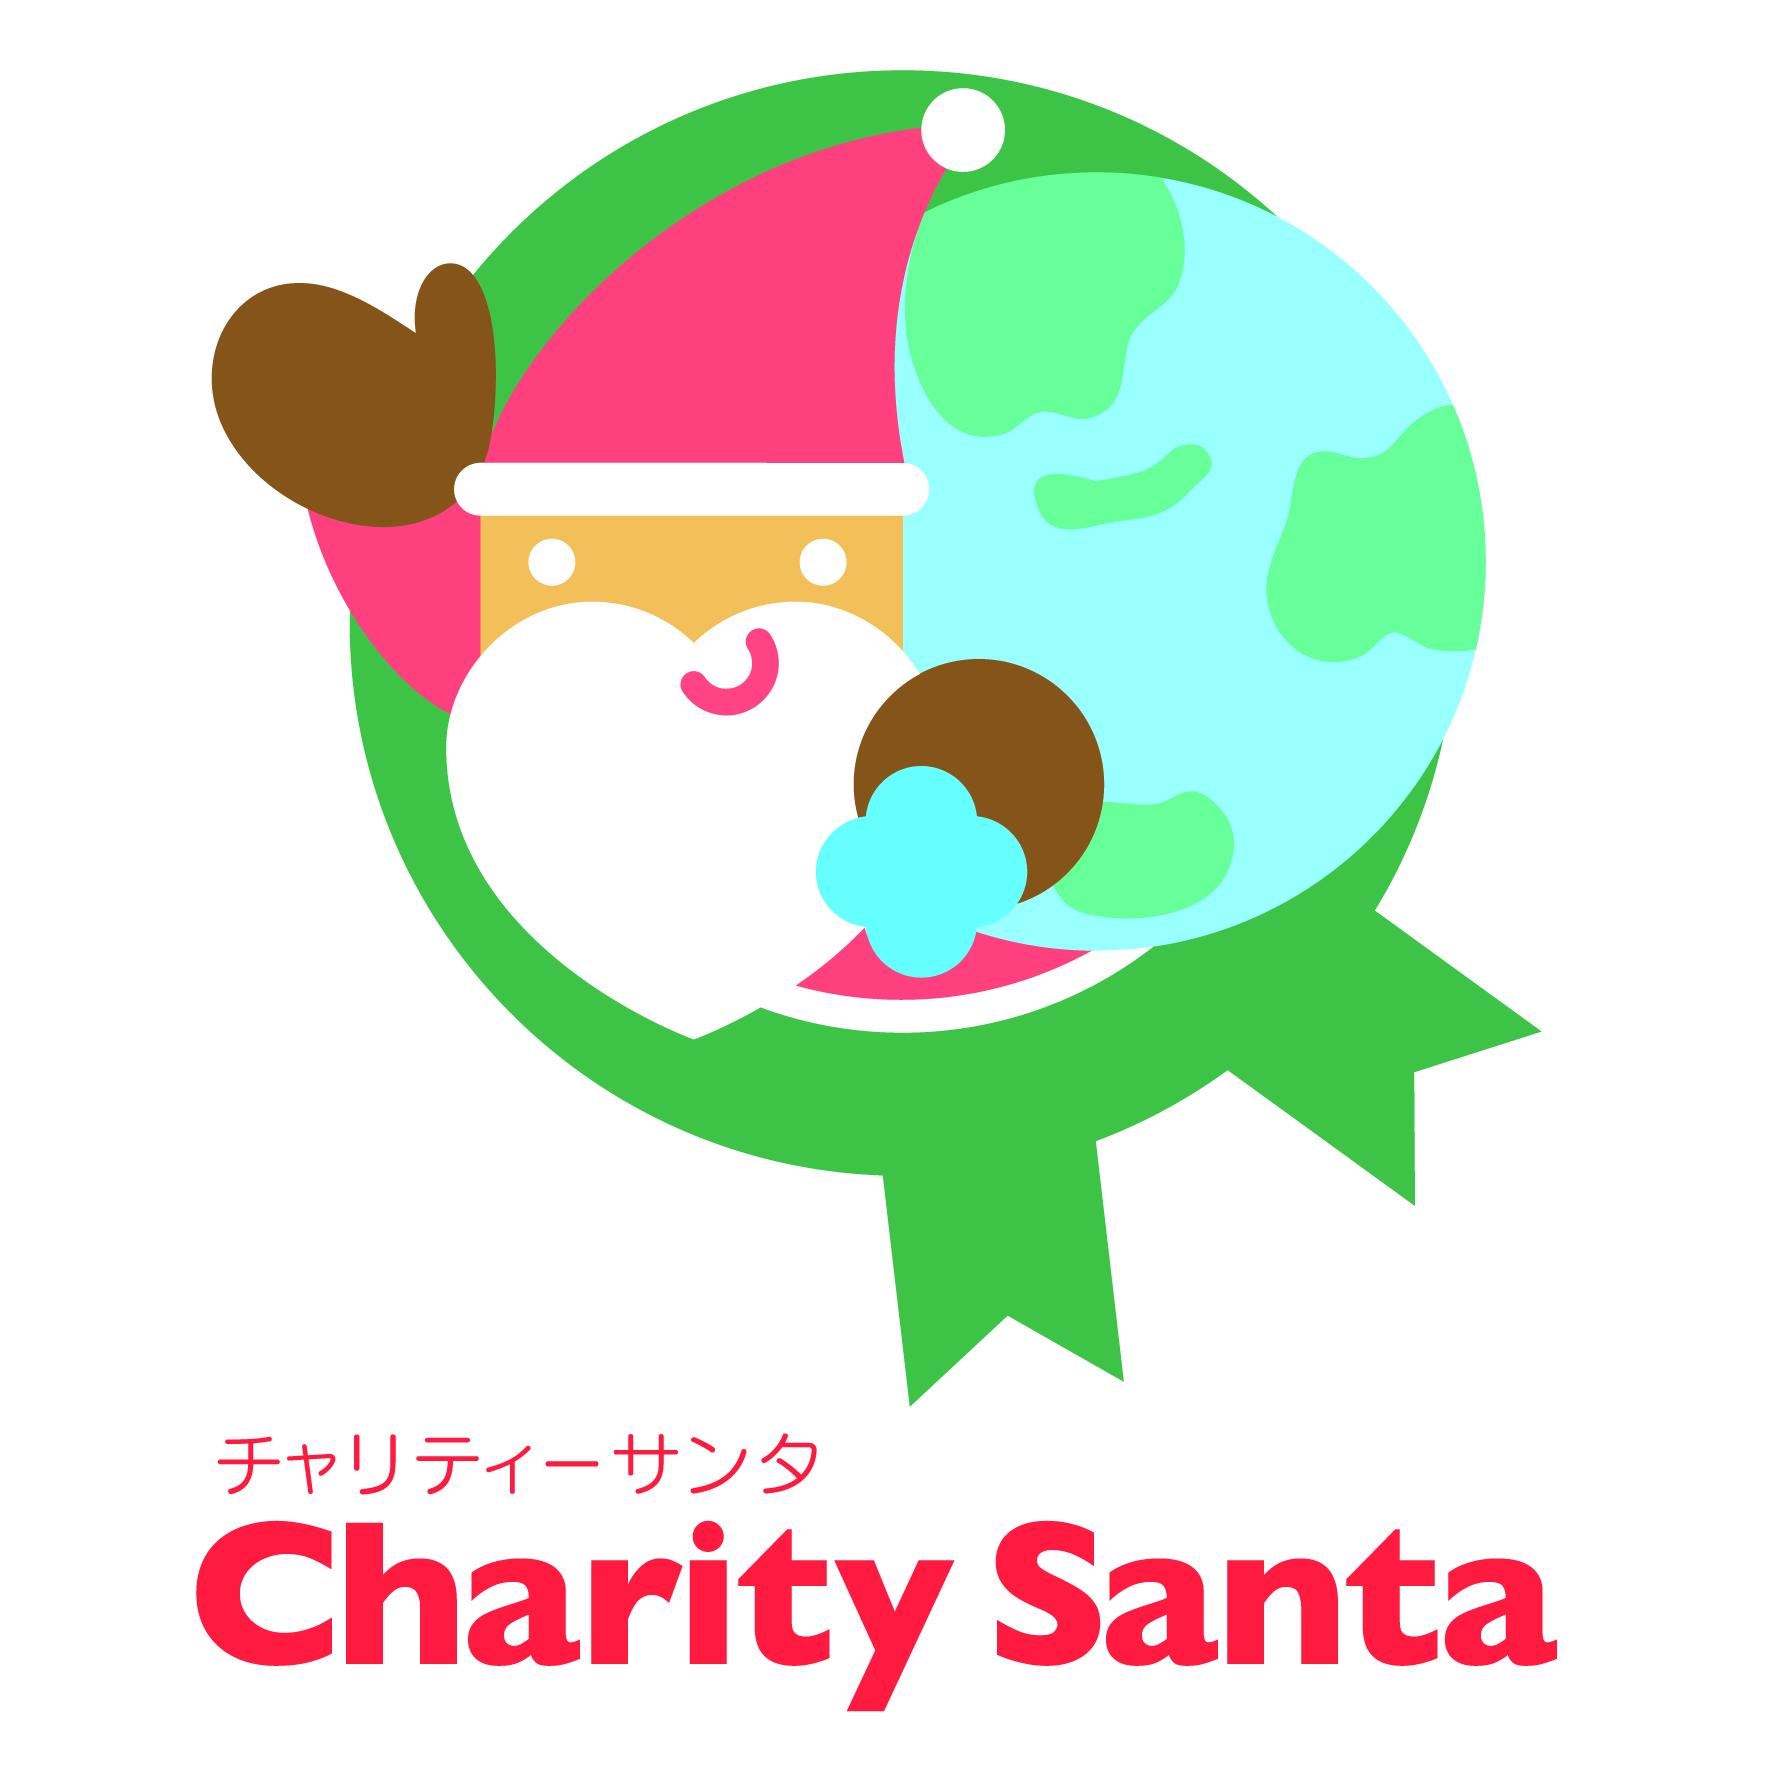 CharitySanta サンタ新聞